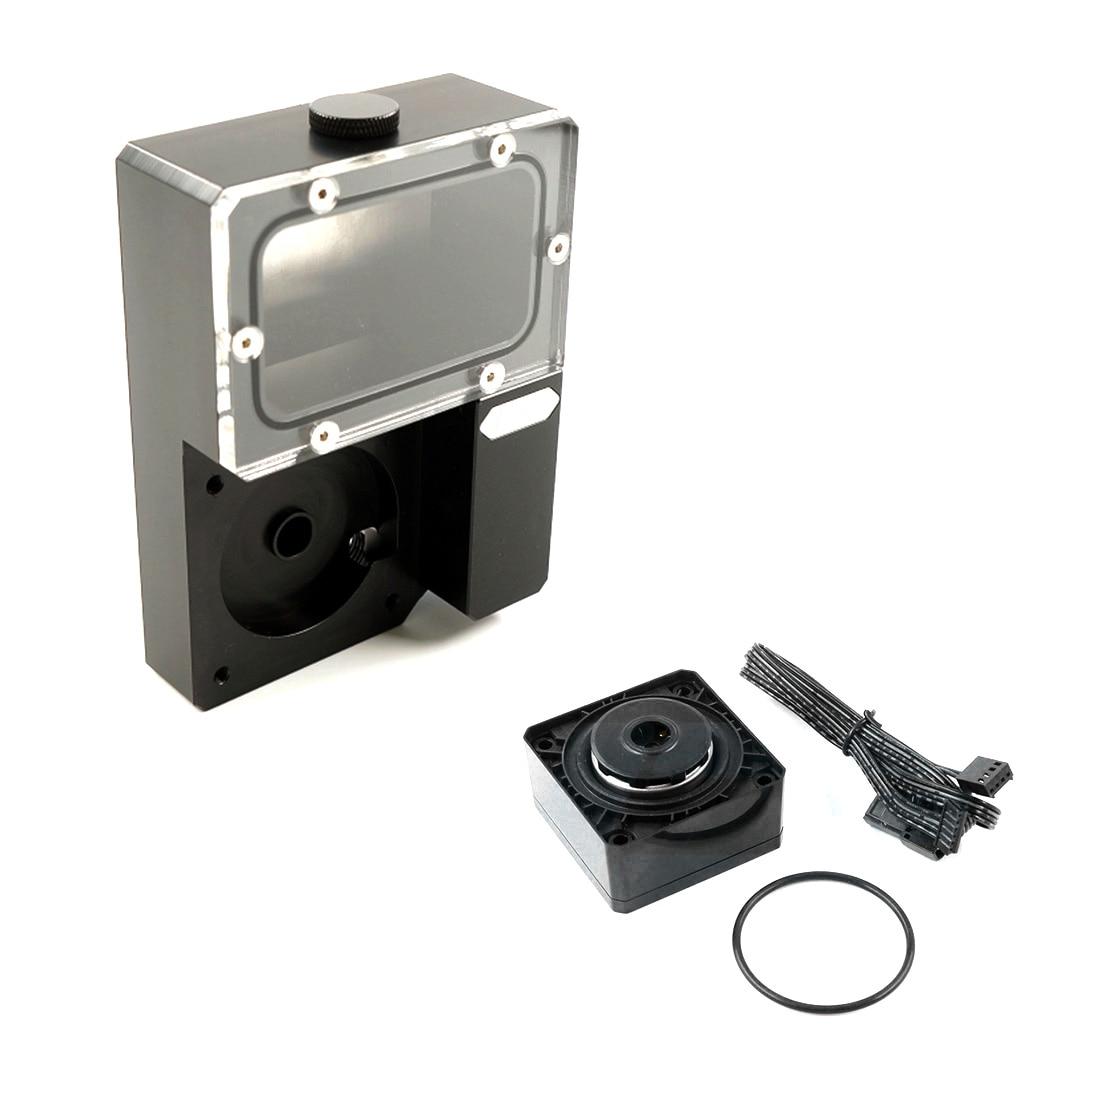 [해외] Ncase-아이스맨 쿨러 DDC 콤보 Res Ncase 저수조, Ncase Chasis M1 V4 V5 V6 용 워터 펌프 포함-블랙